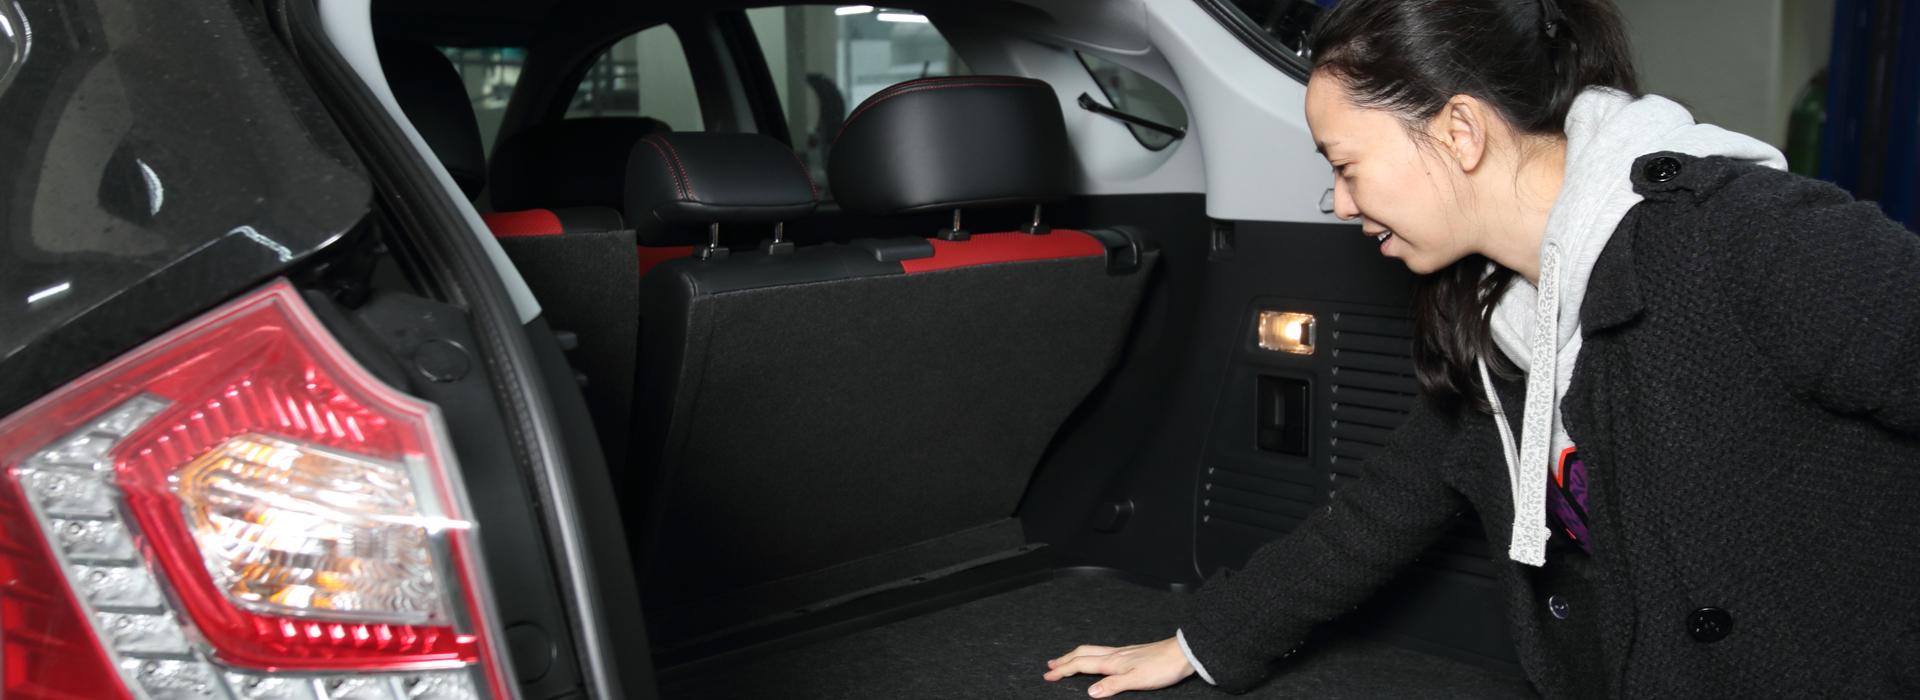 當車子發動聽到吱吱的異聲時—改變開車小習慣 大筆保養費輕鬆省